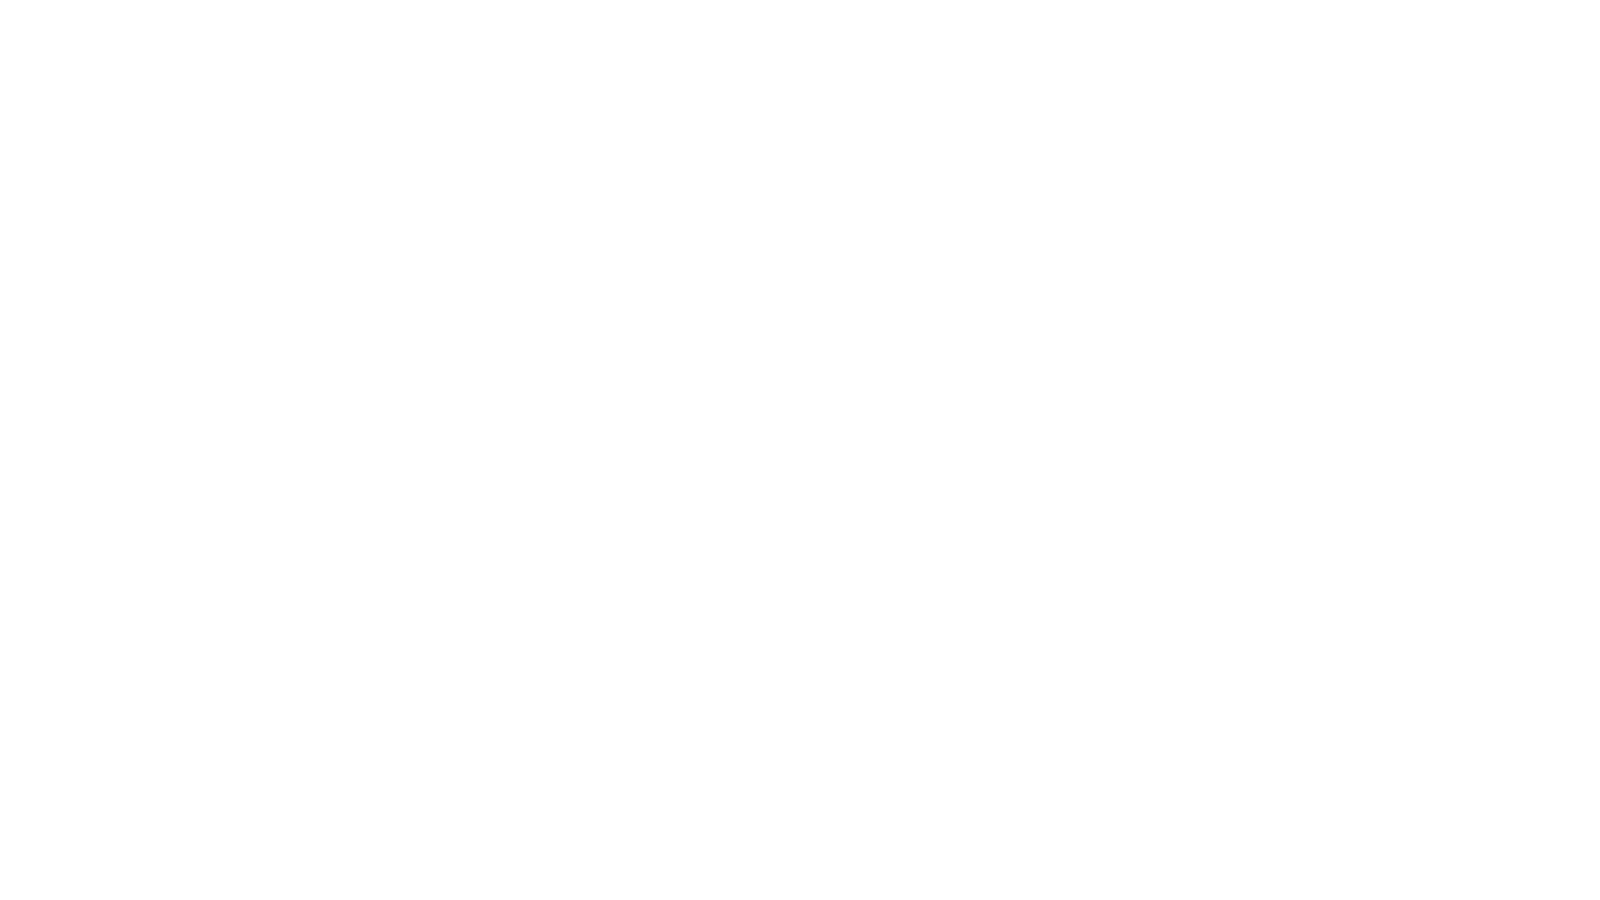 """Ponentes: 1. Allan Brewer Carias """"La progresiva admisión del arbitraje en el derecho administrativo"""". 2. James Otis Rodner: """"Ejecución de los acuerdos de transacción producto de la mediación"""". 3. J. Eloy Anzola: """"El recurso de nulidad"""" 4. José Alberto Ramírez: """"La Convención de Singapur y el futuro de la mediación en Venezuela."""